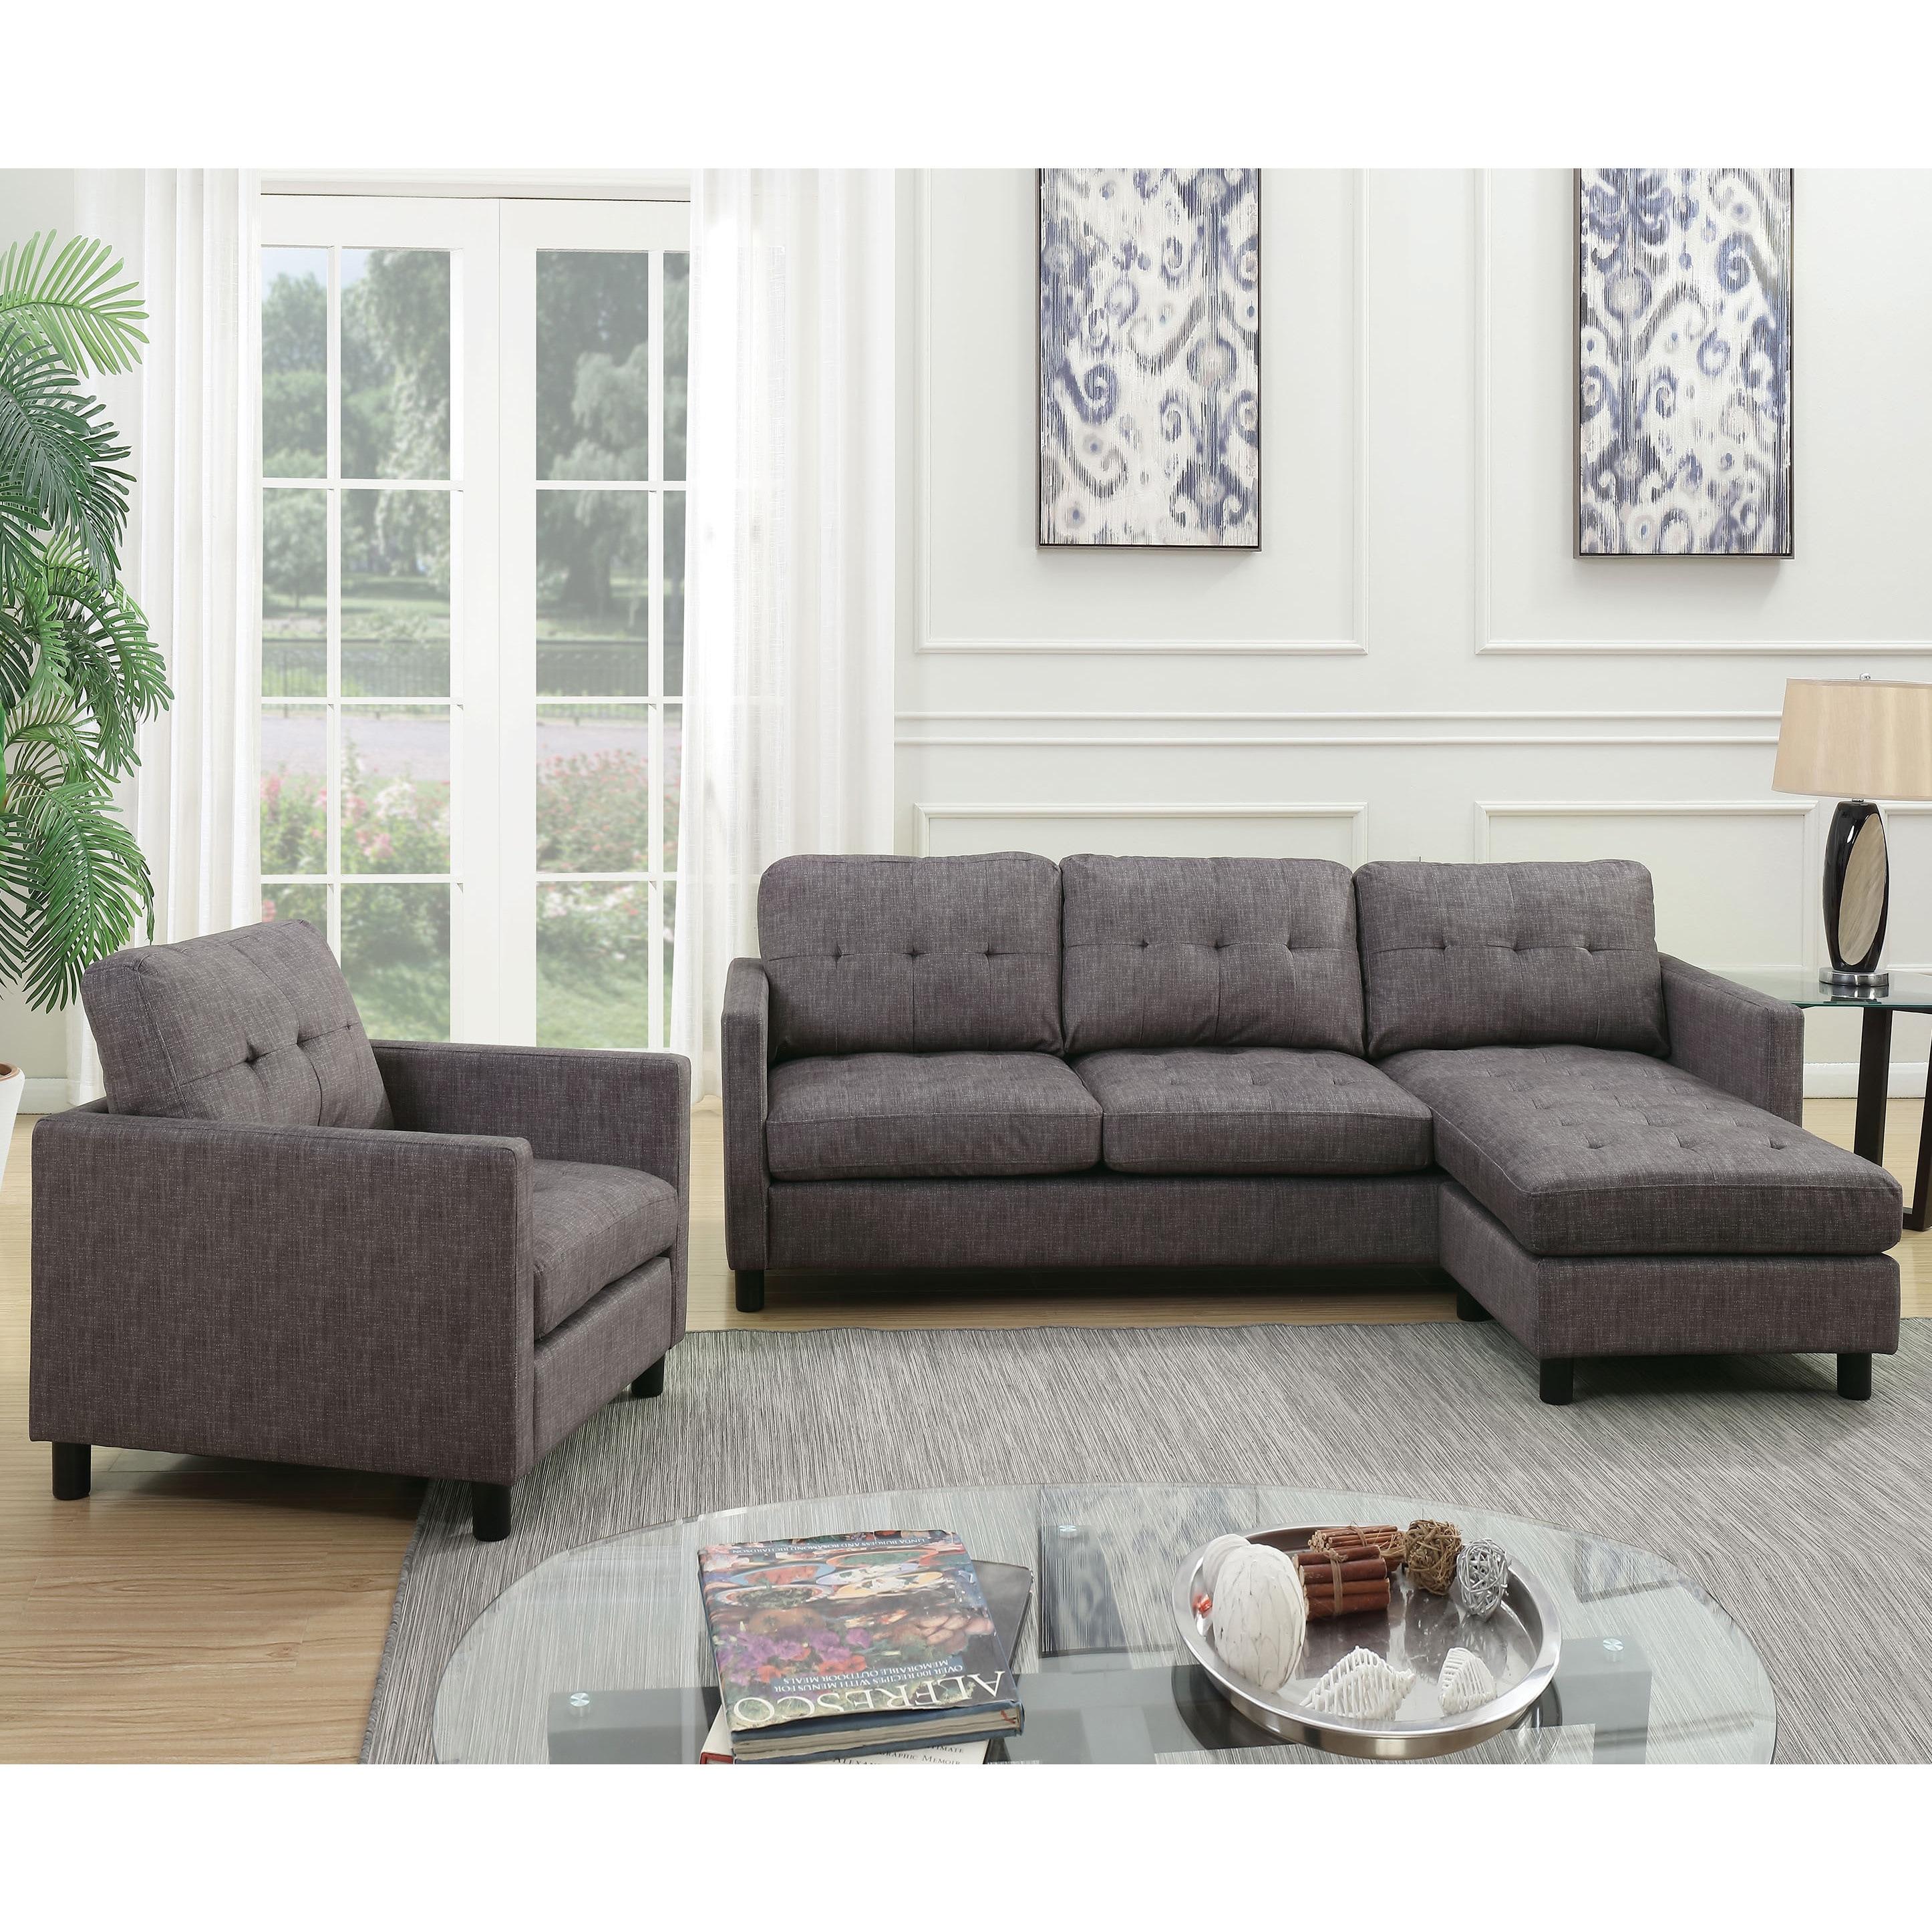 Shop Acme Furniture Ceasar Sectional Sofa Revisable Ottoman Gray